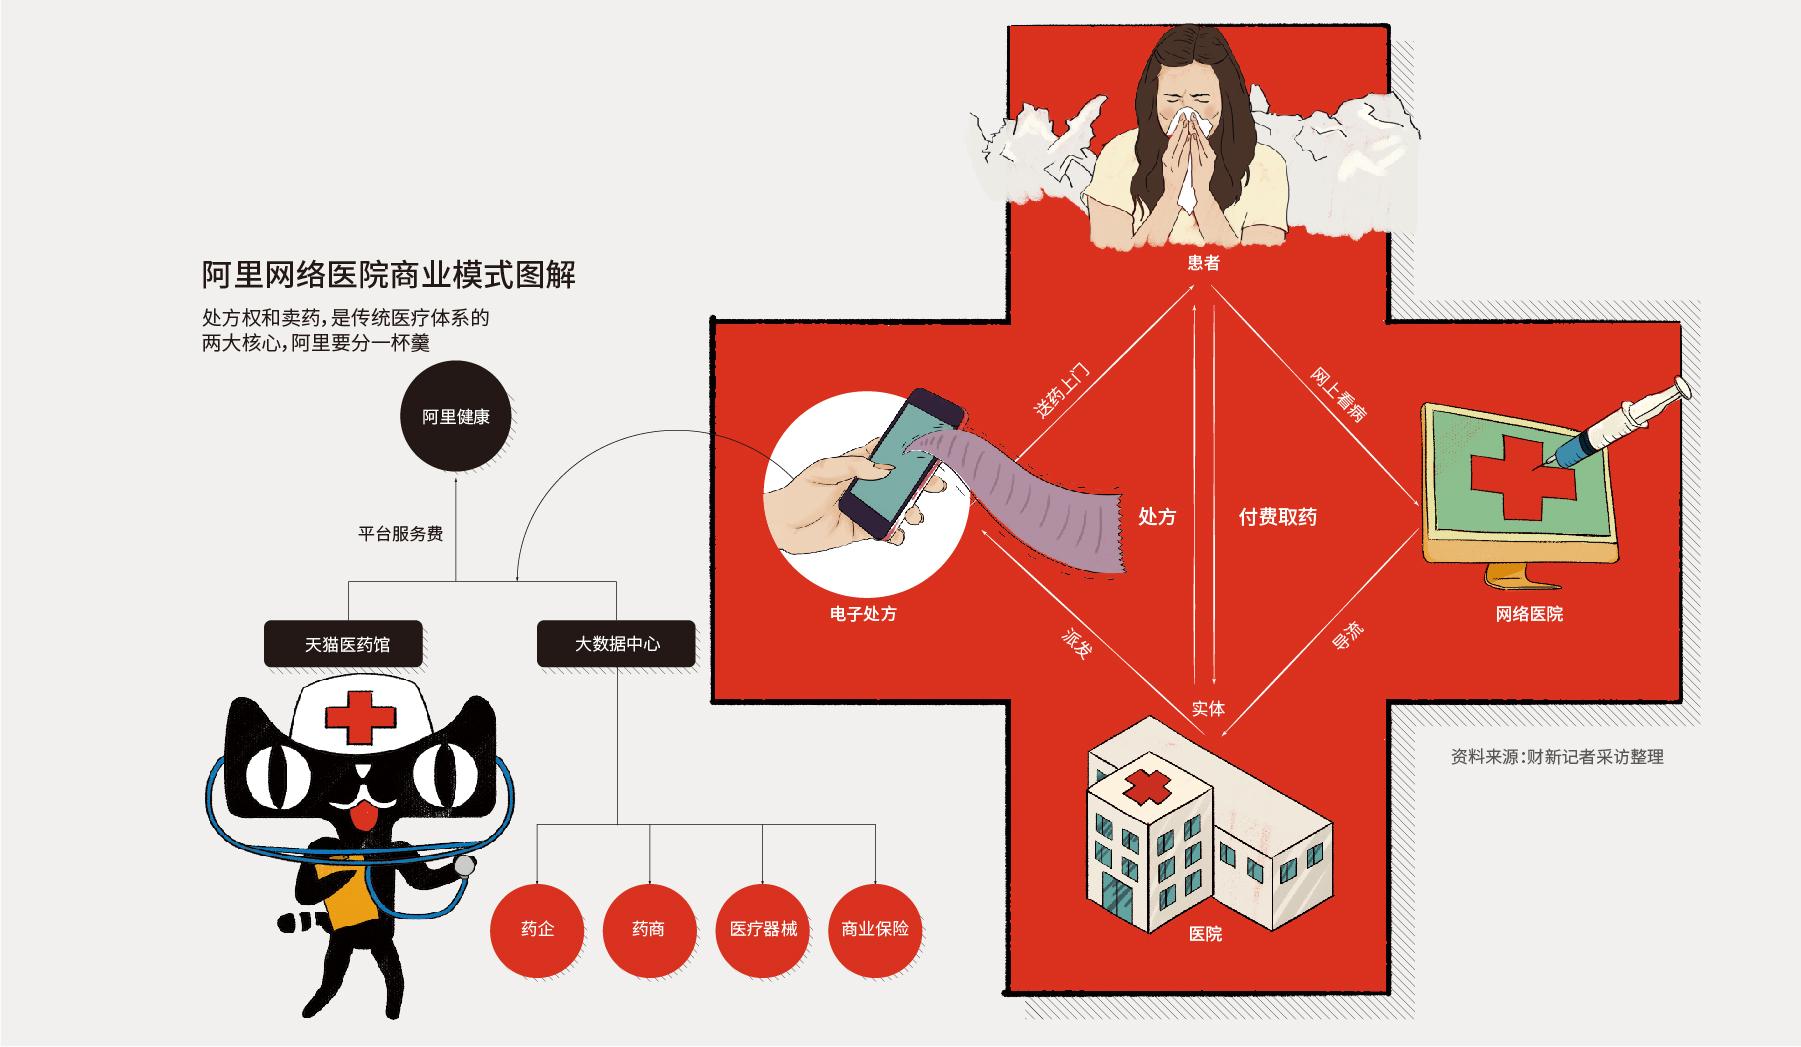 医院科室网络结构图